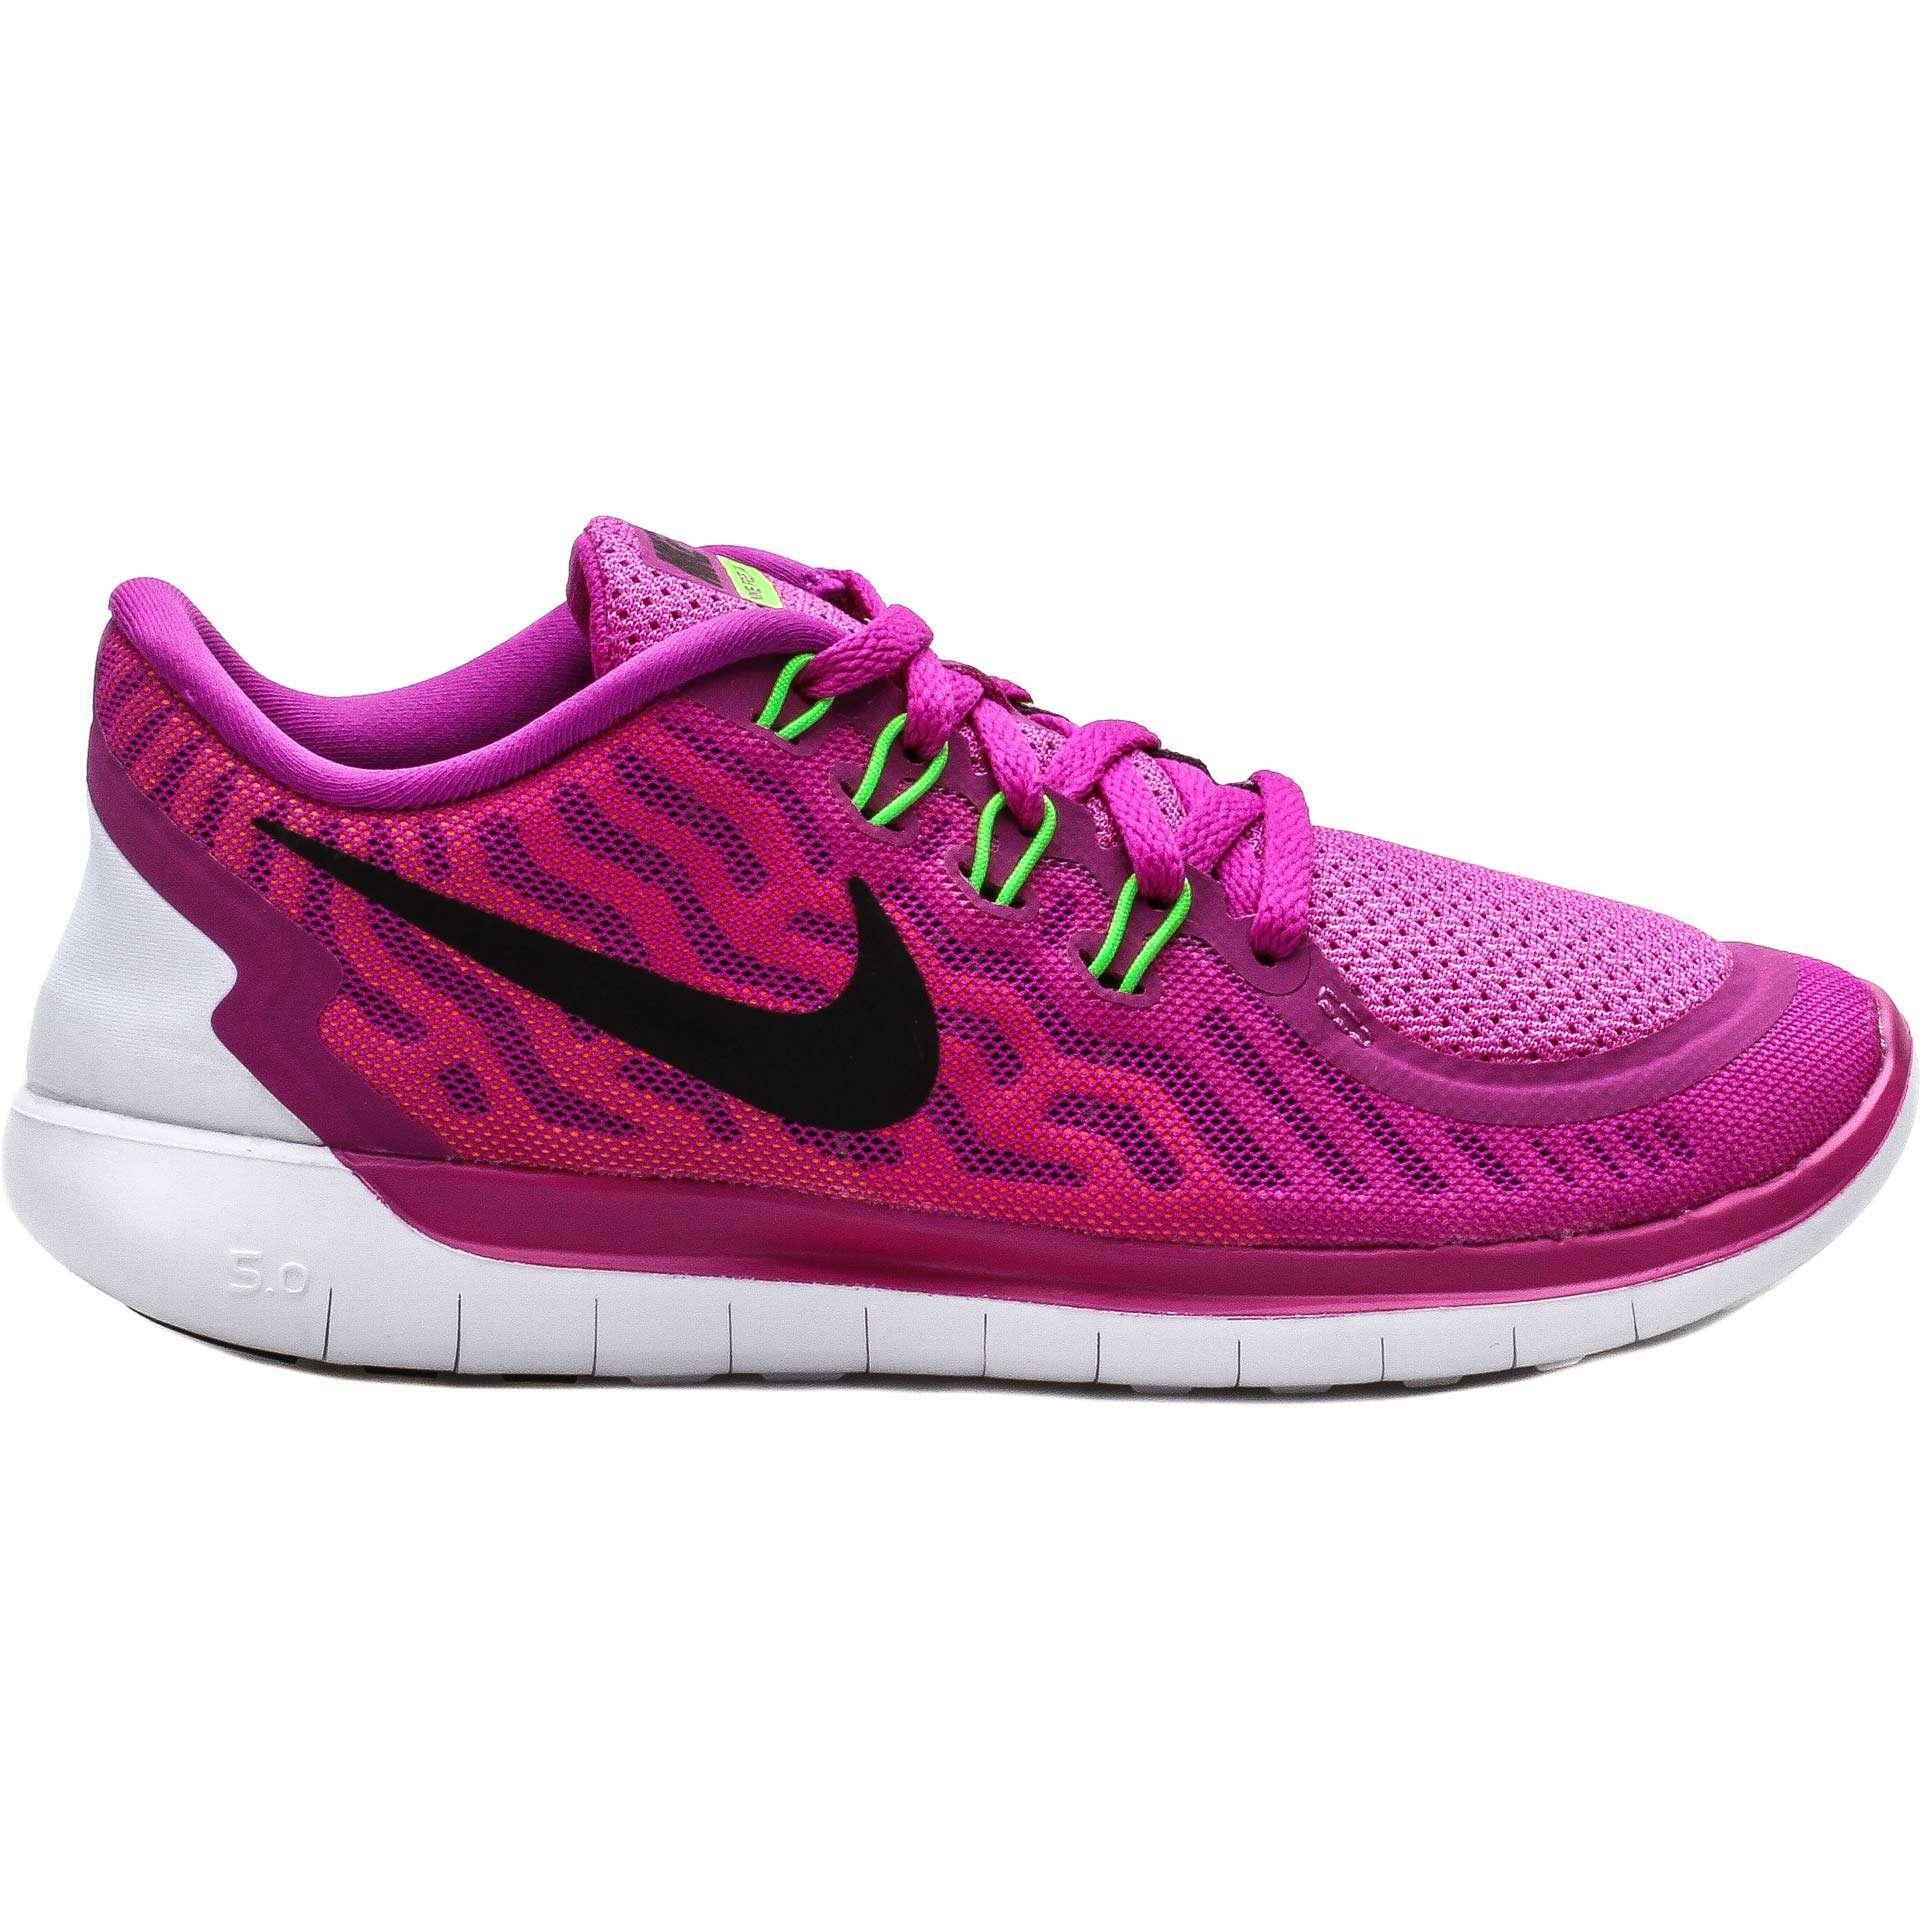 finest selection fe210 e56f0 Nike Free 5.0 Hardloopschoen RozeWit Dames